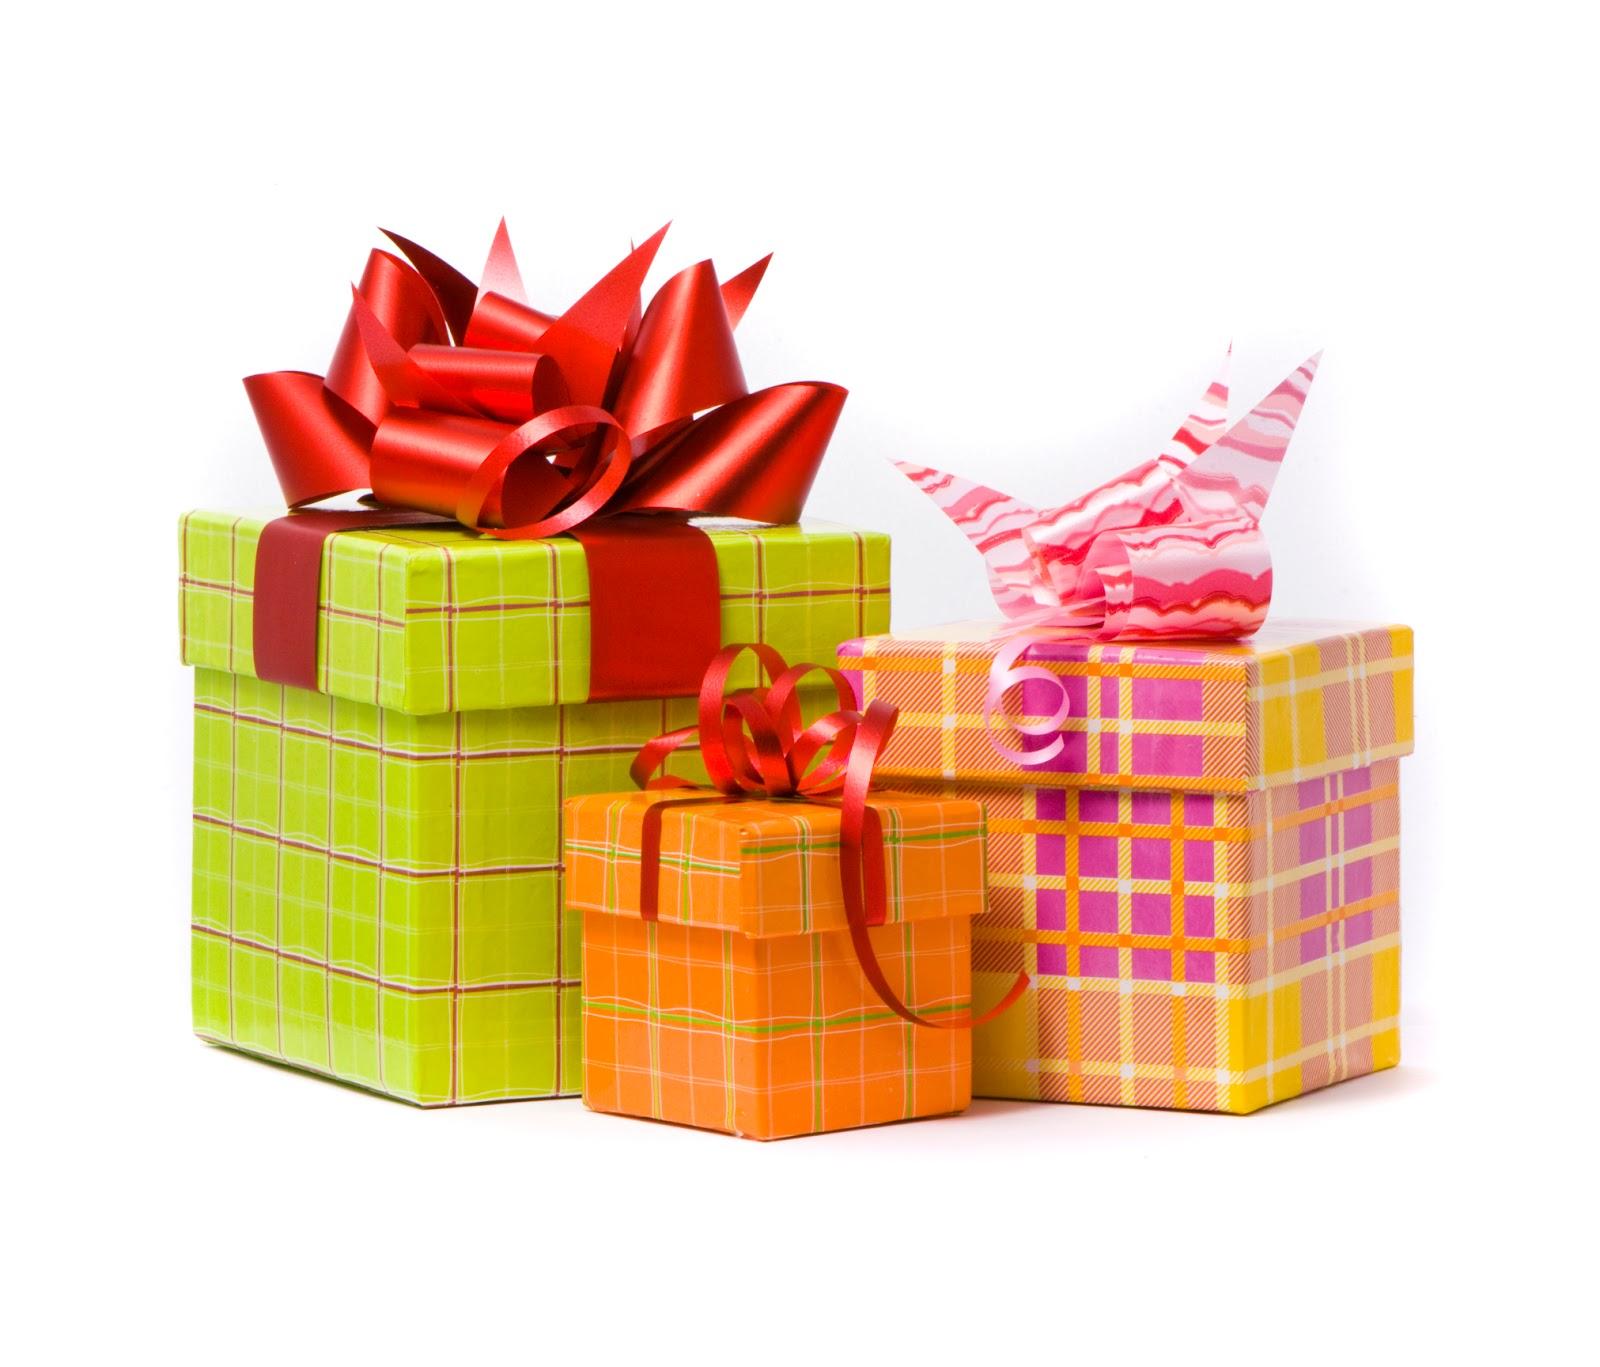 62 места, где можно получить подарок в свой день рождения - ForumDaily 54